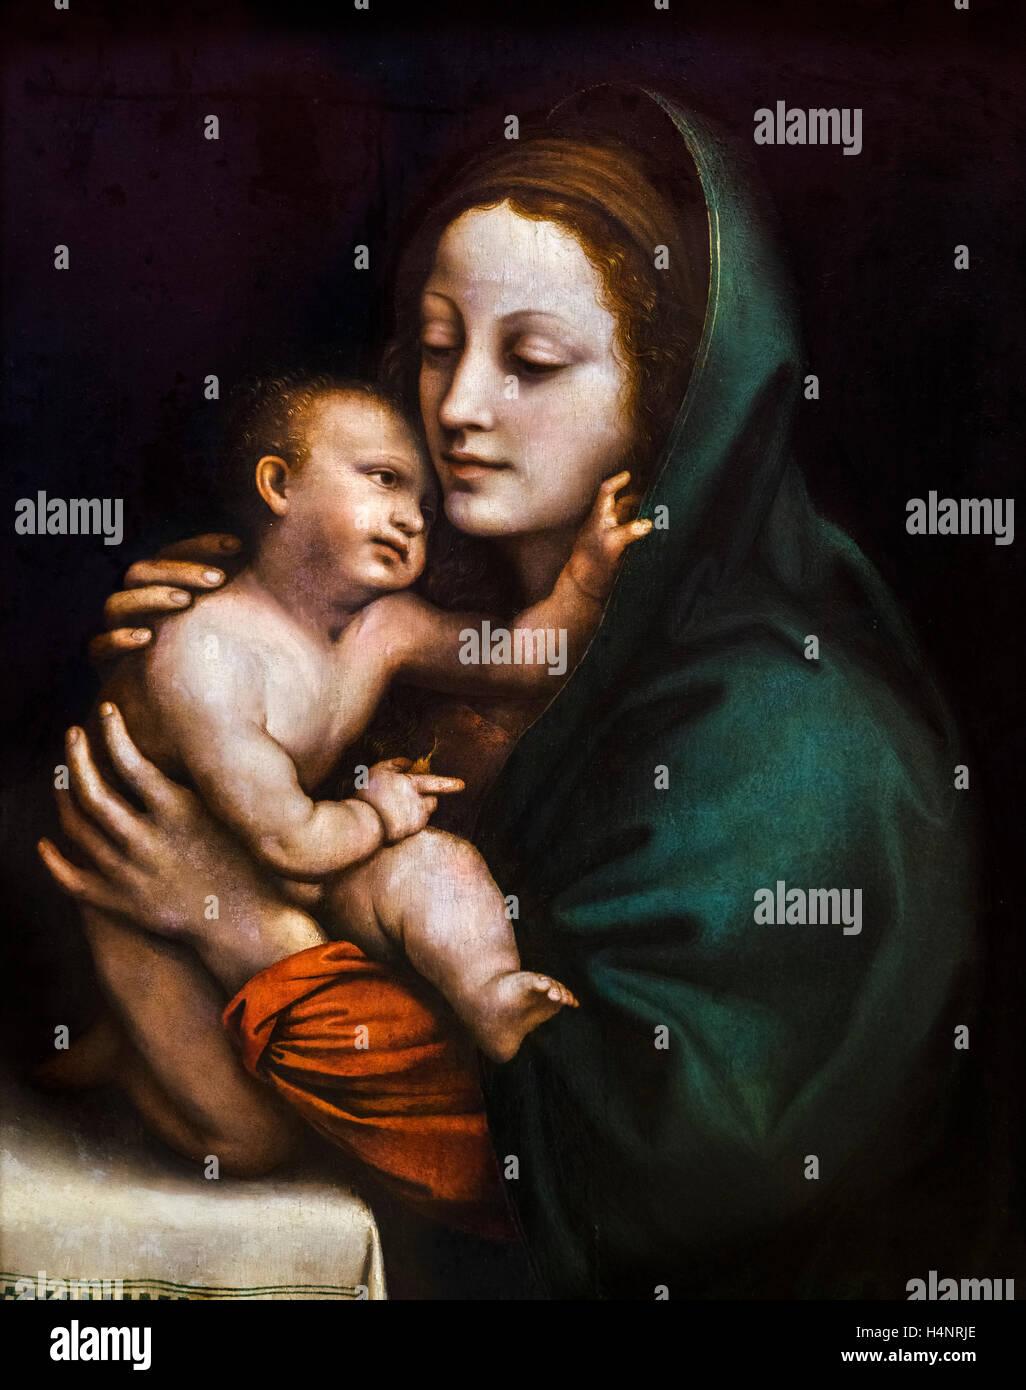 Madonna and Child by Bernardo Luini (c.1480-1532), c.1510 - Stock Image